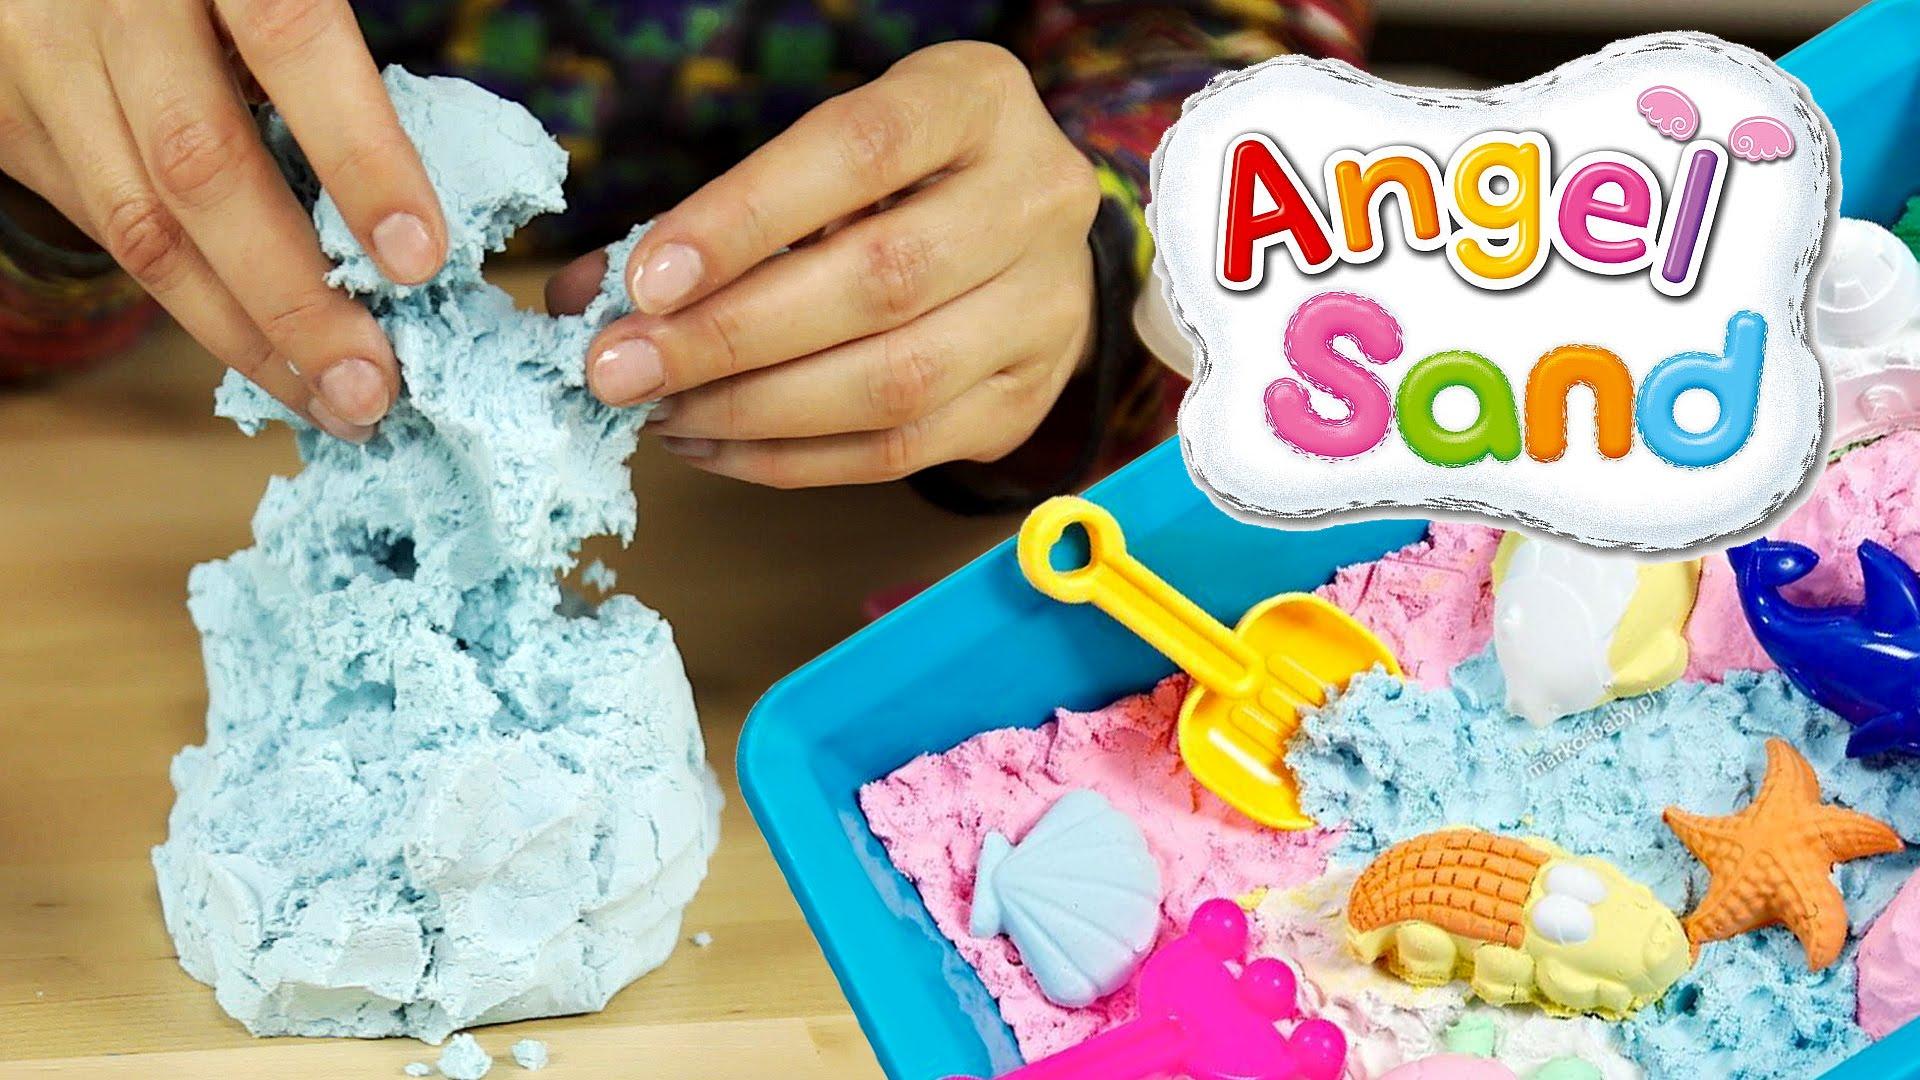 Сбор заказов. Нашим детям - яркое детство: Новинка @ngel sand - разноцветный песок и глина для творчества. Пусть будни будут яркими.